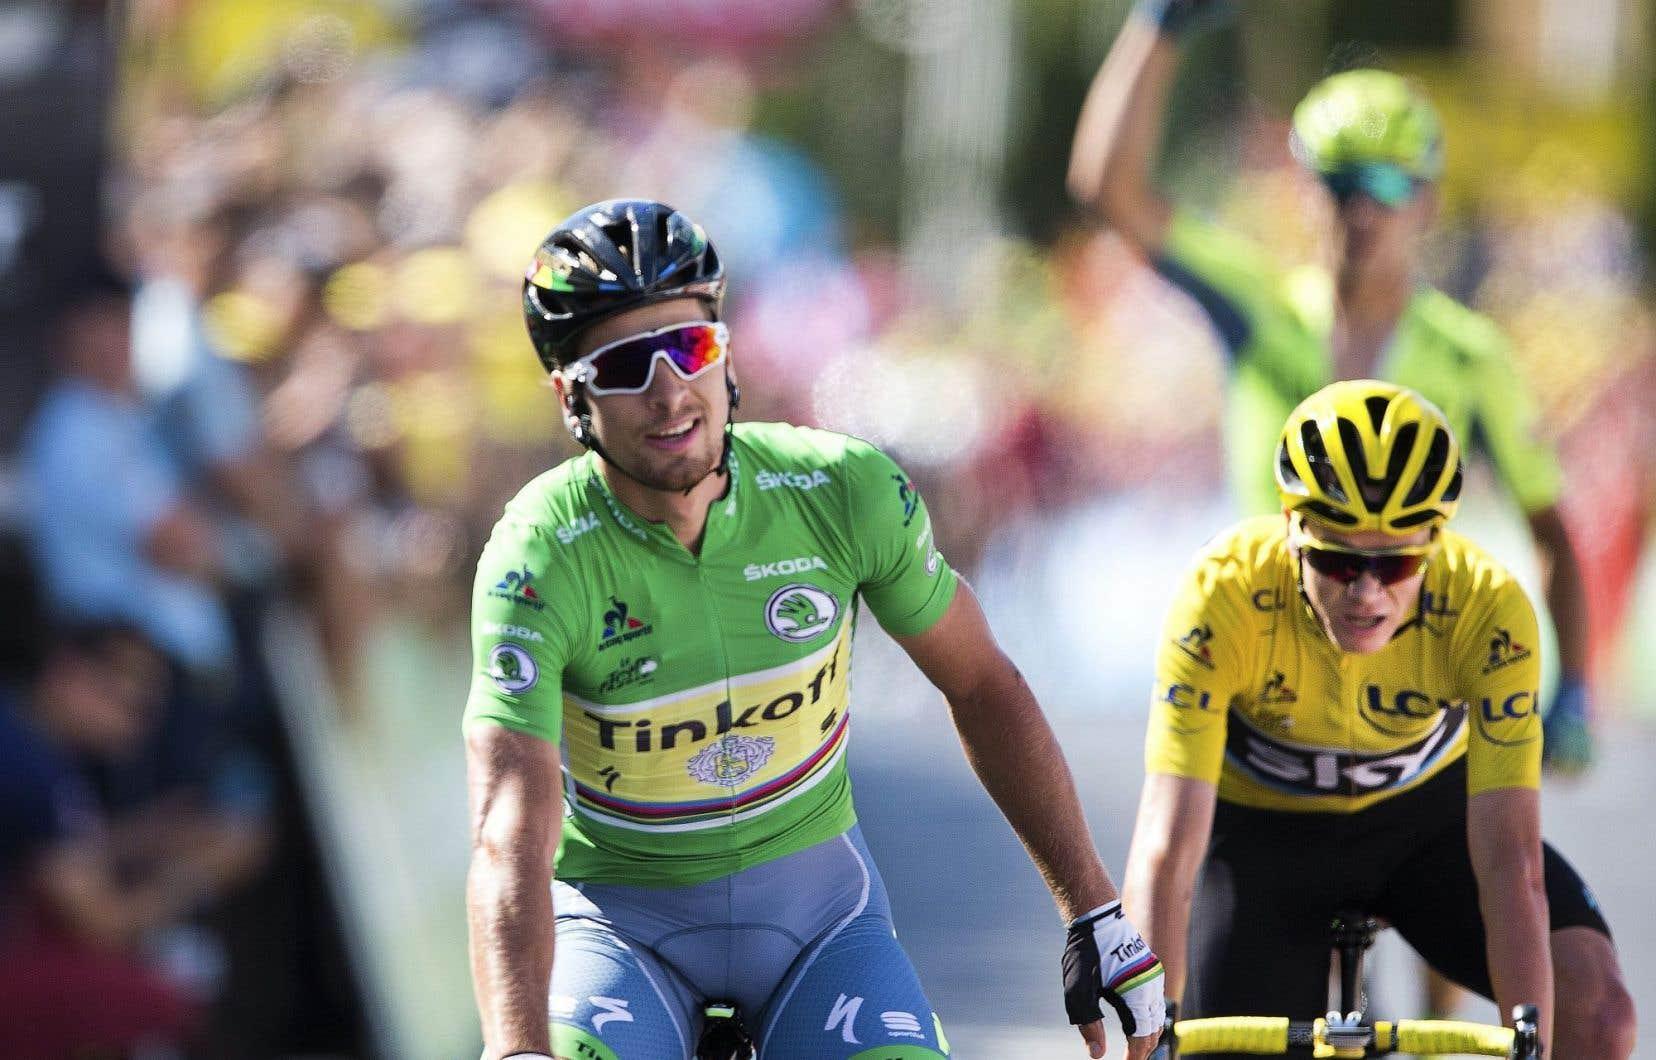 Le Slovaque Peter Sagan a remporté l'étape devant Chris Froome, détenteur du maillot jaune de meneur du Tour.